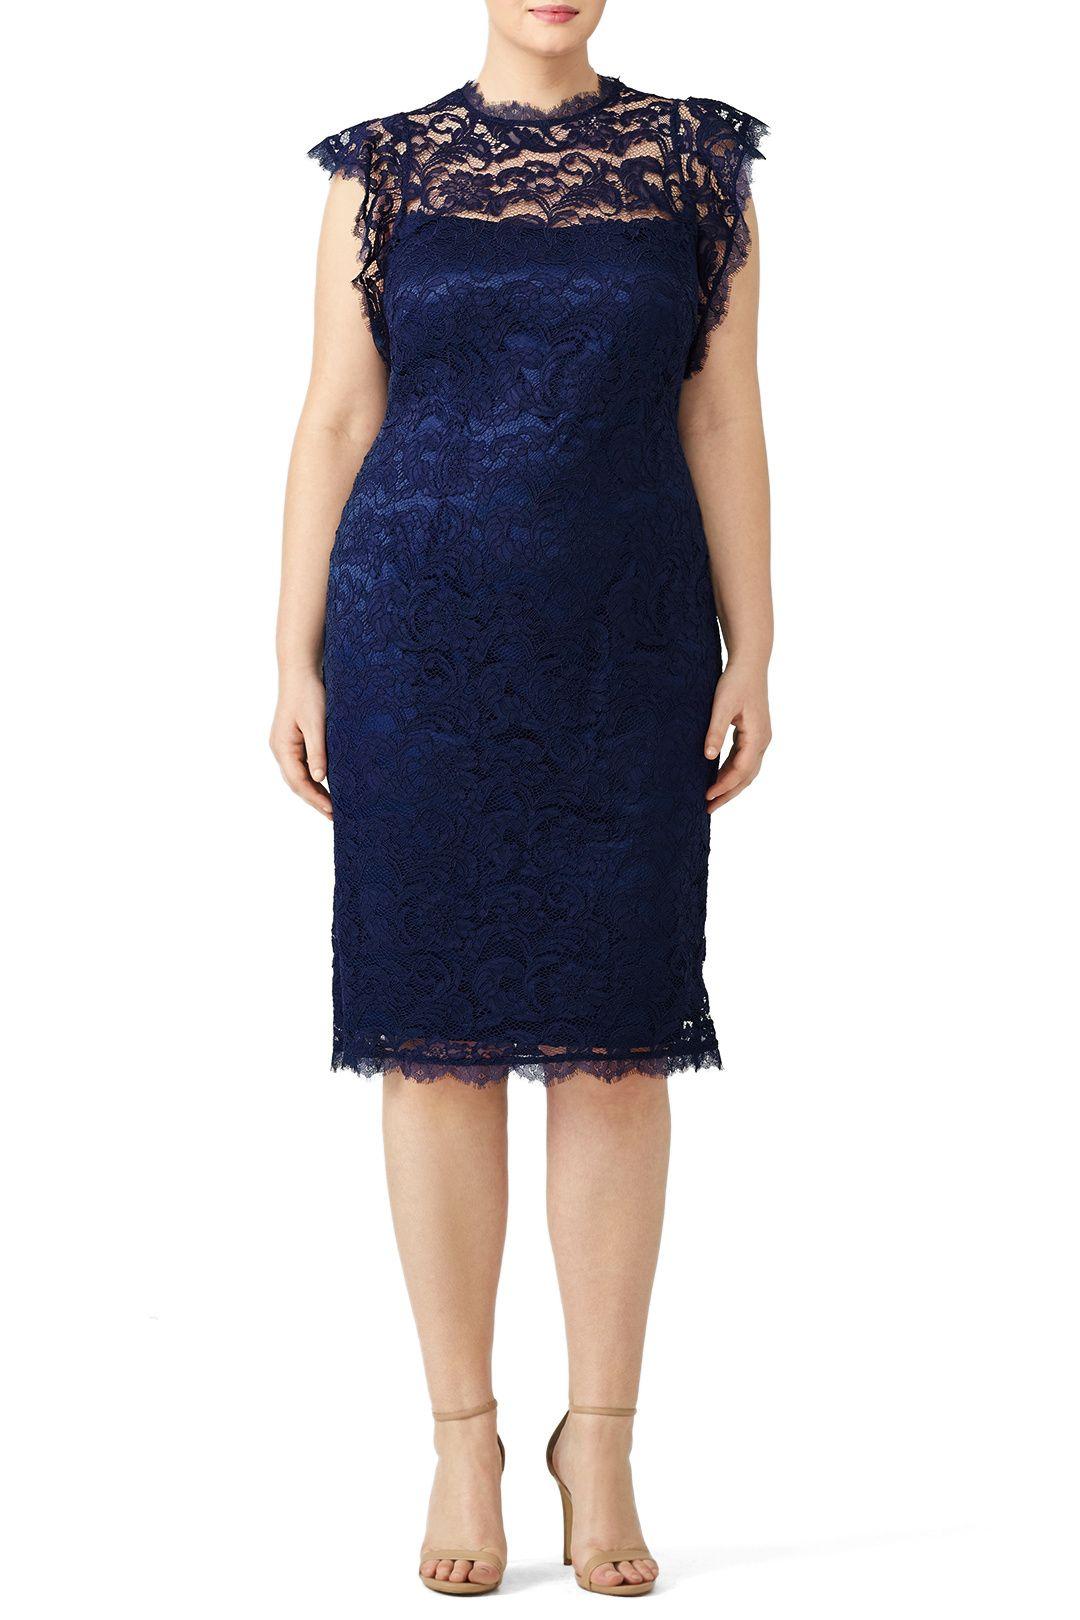 Navy lace sheath dress mawage pinterest lace sheath dress